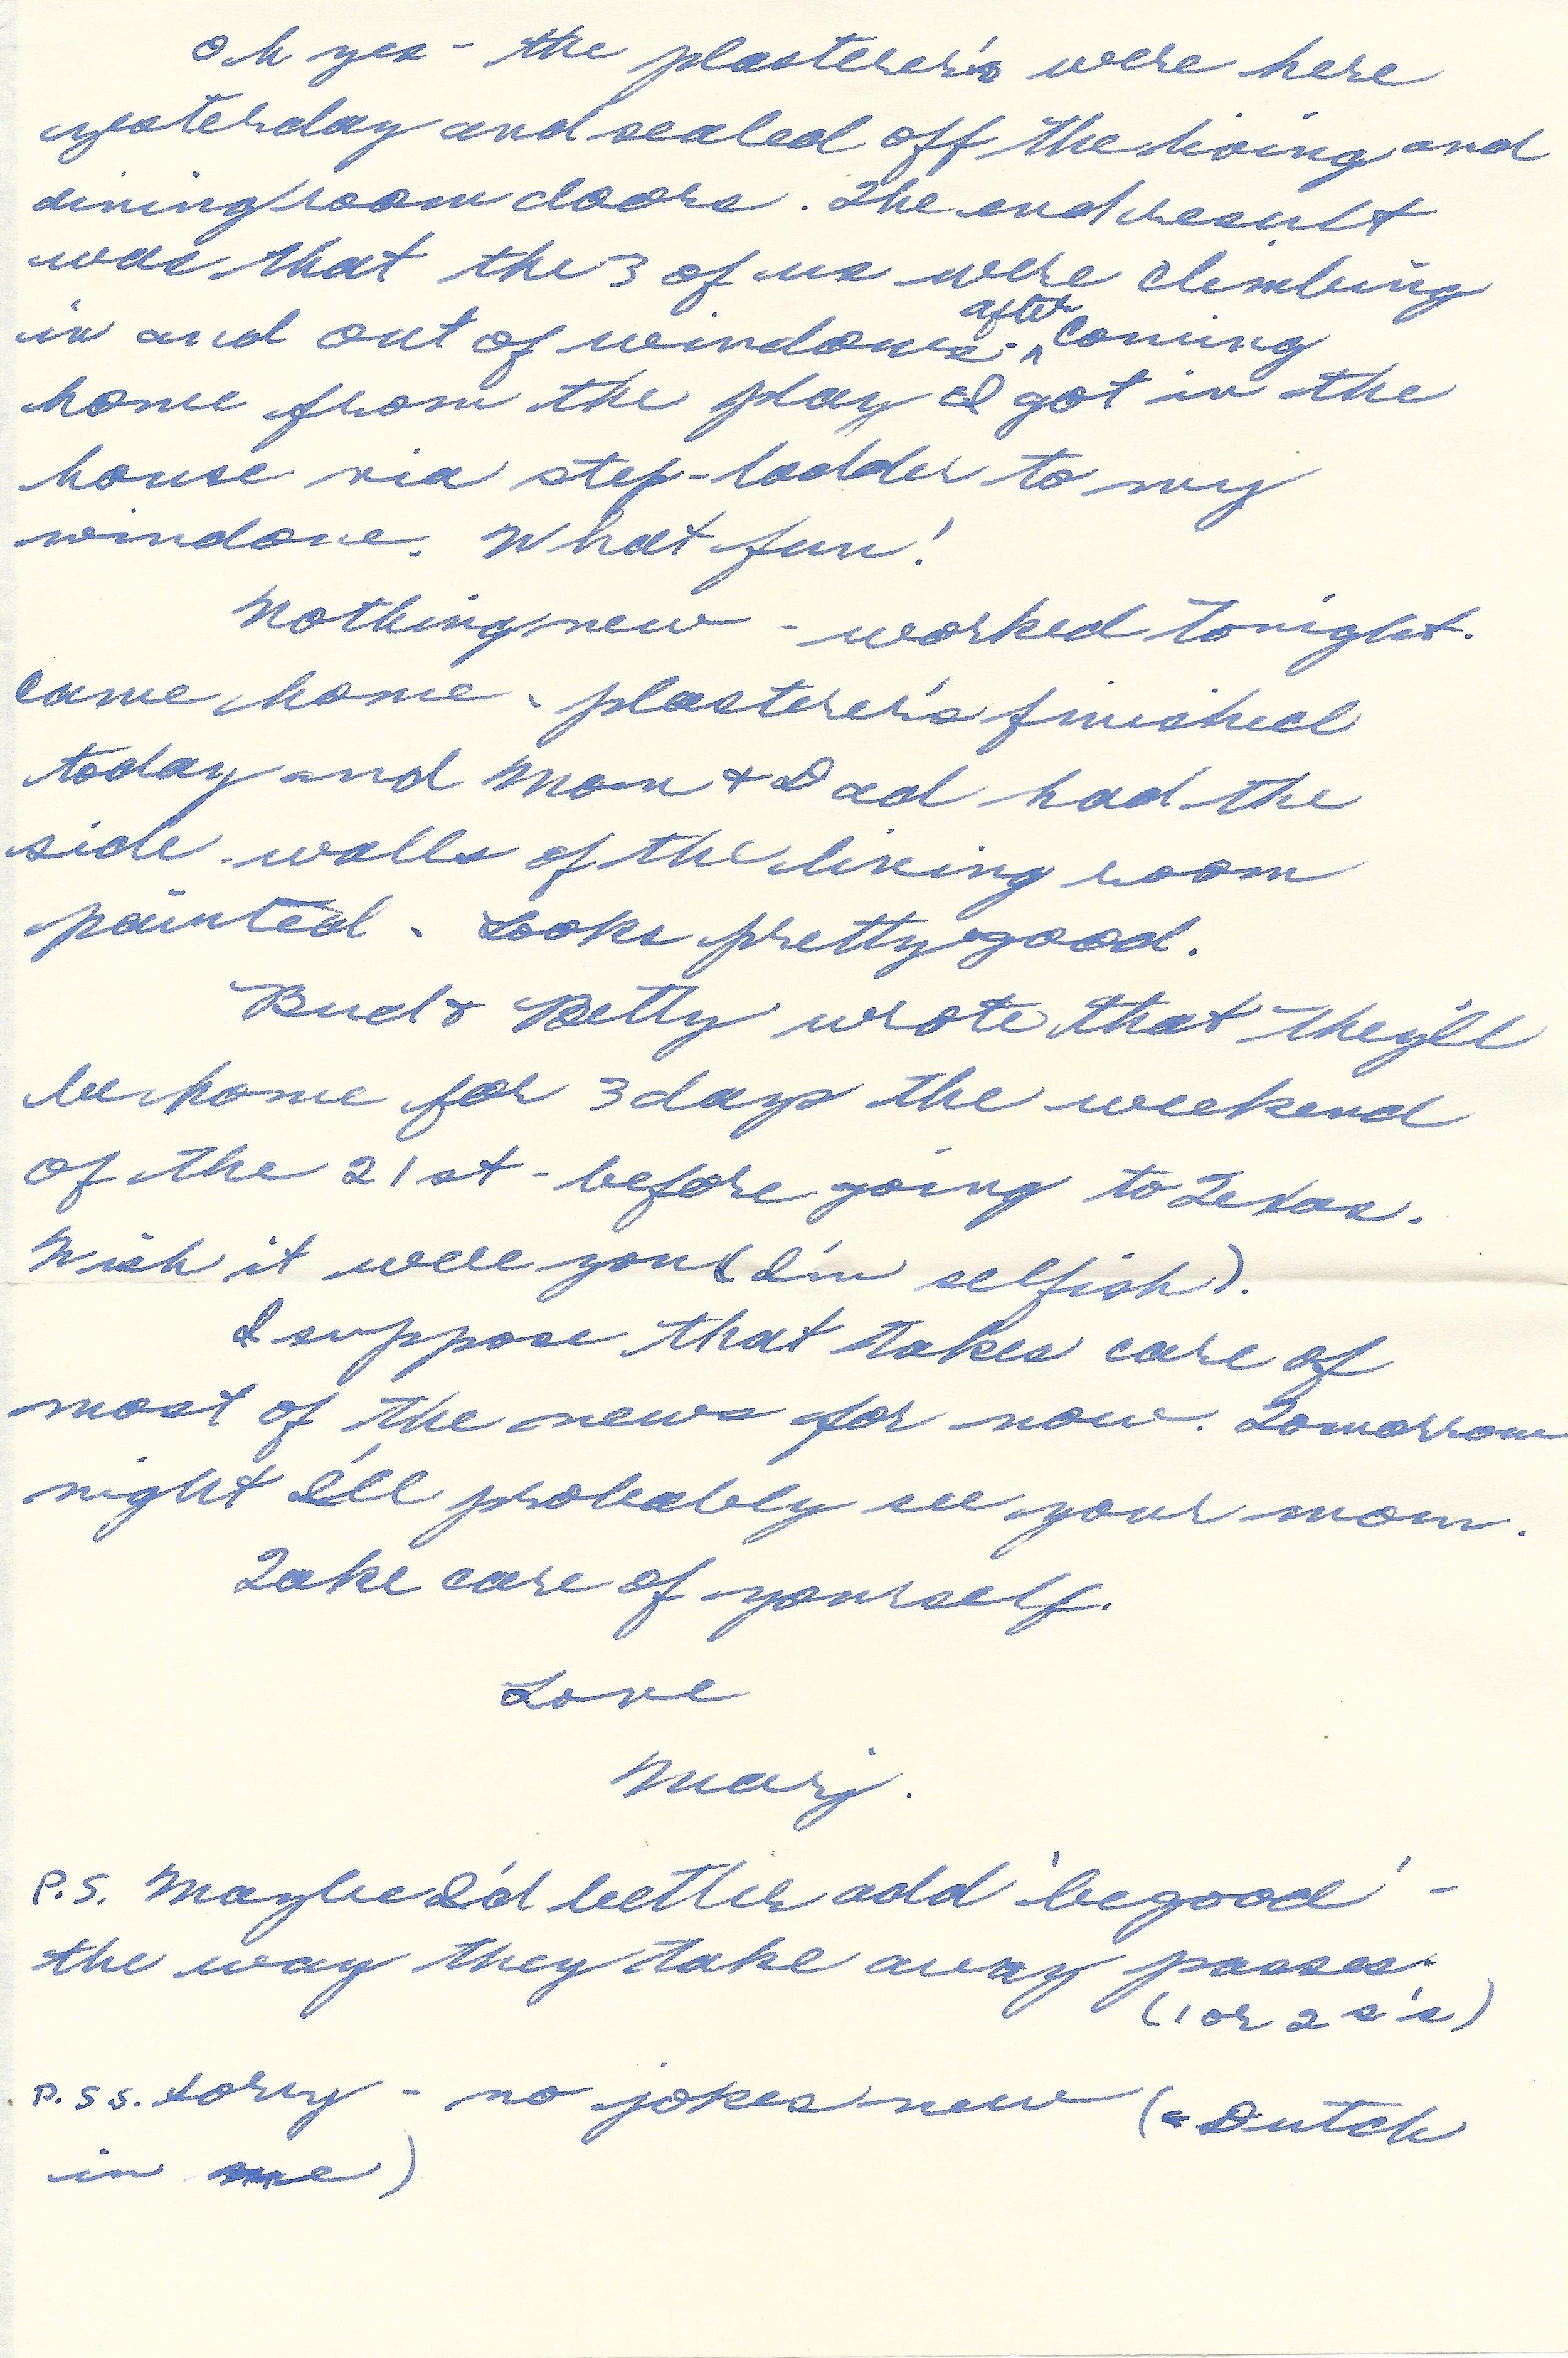 11. Feb. 12, 1953 (Oma)_Page_3.jpg